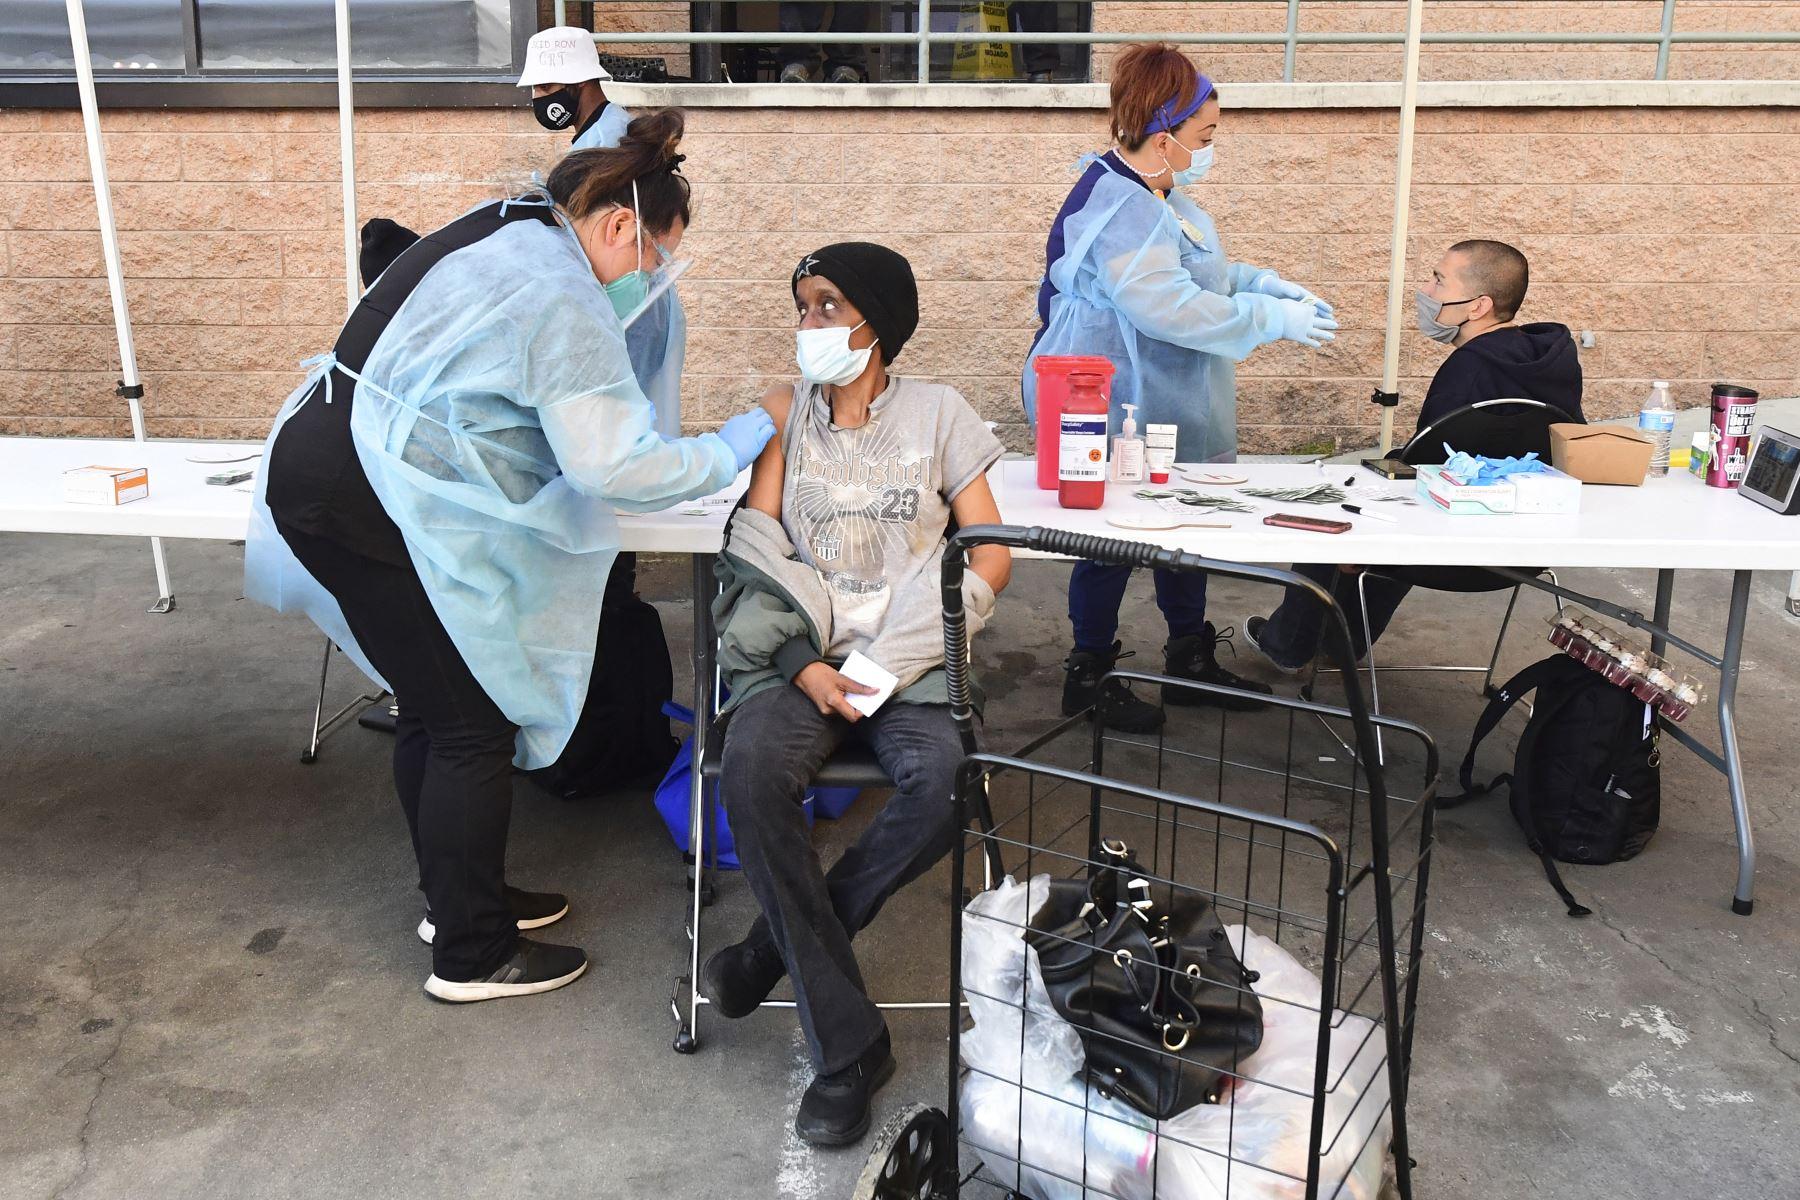 Un profesional de la salud ocupacional vacuna a un empleado con una dosis de la vacuna AstraZeneca Covid-19 en un centro de salud para empleados de los sectores de publicidad y comunicación, en París el 25 de febrero de 2021. Foto: AFP